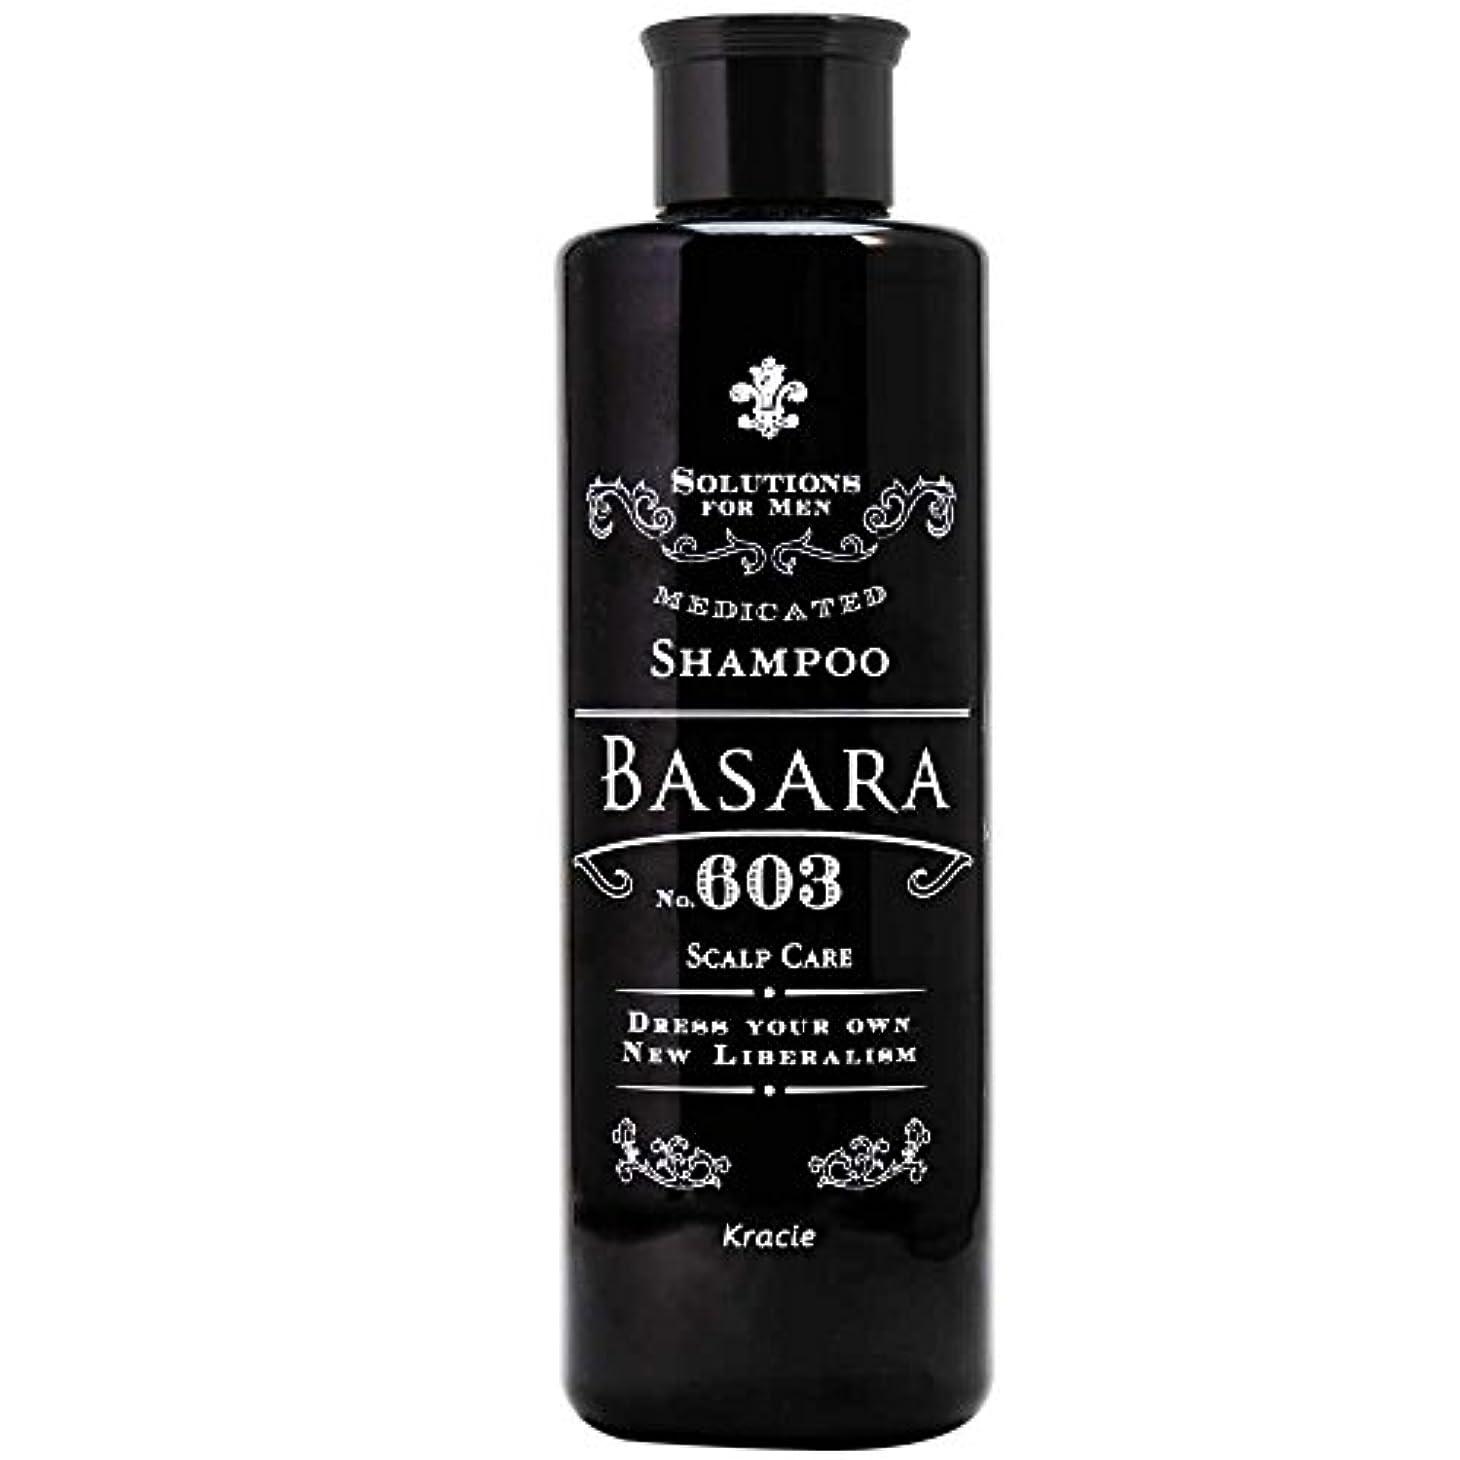 内訳皮書誌クラシエ バサラ 603 薬用スカルプシャンプー 250ml